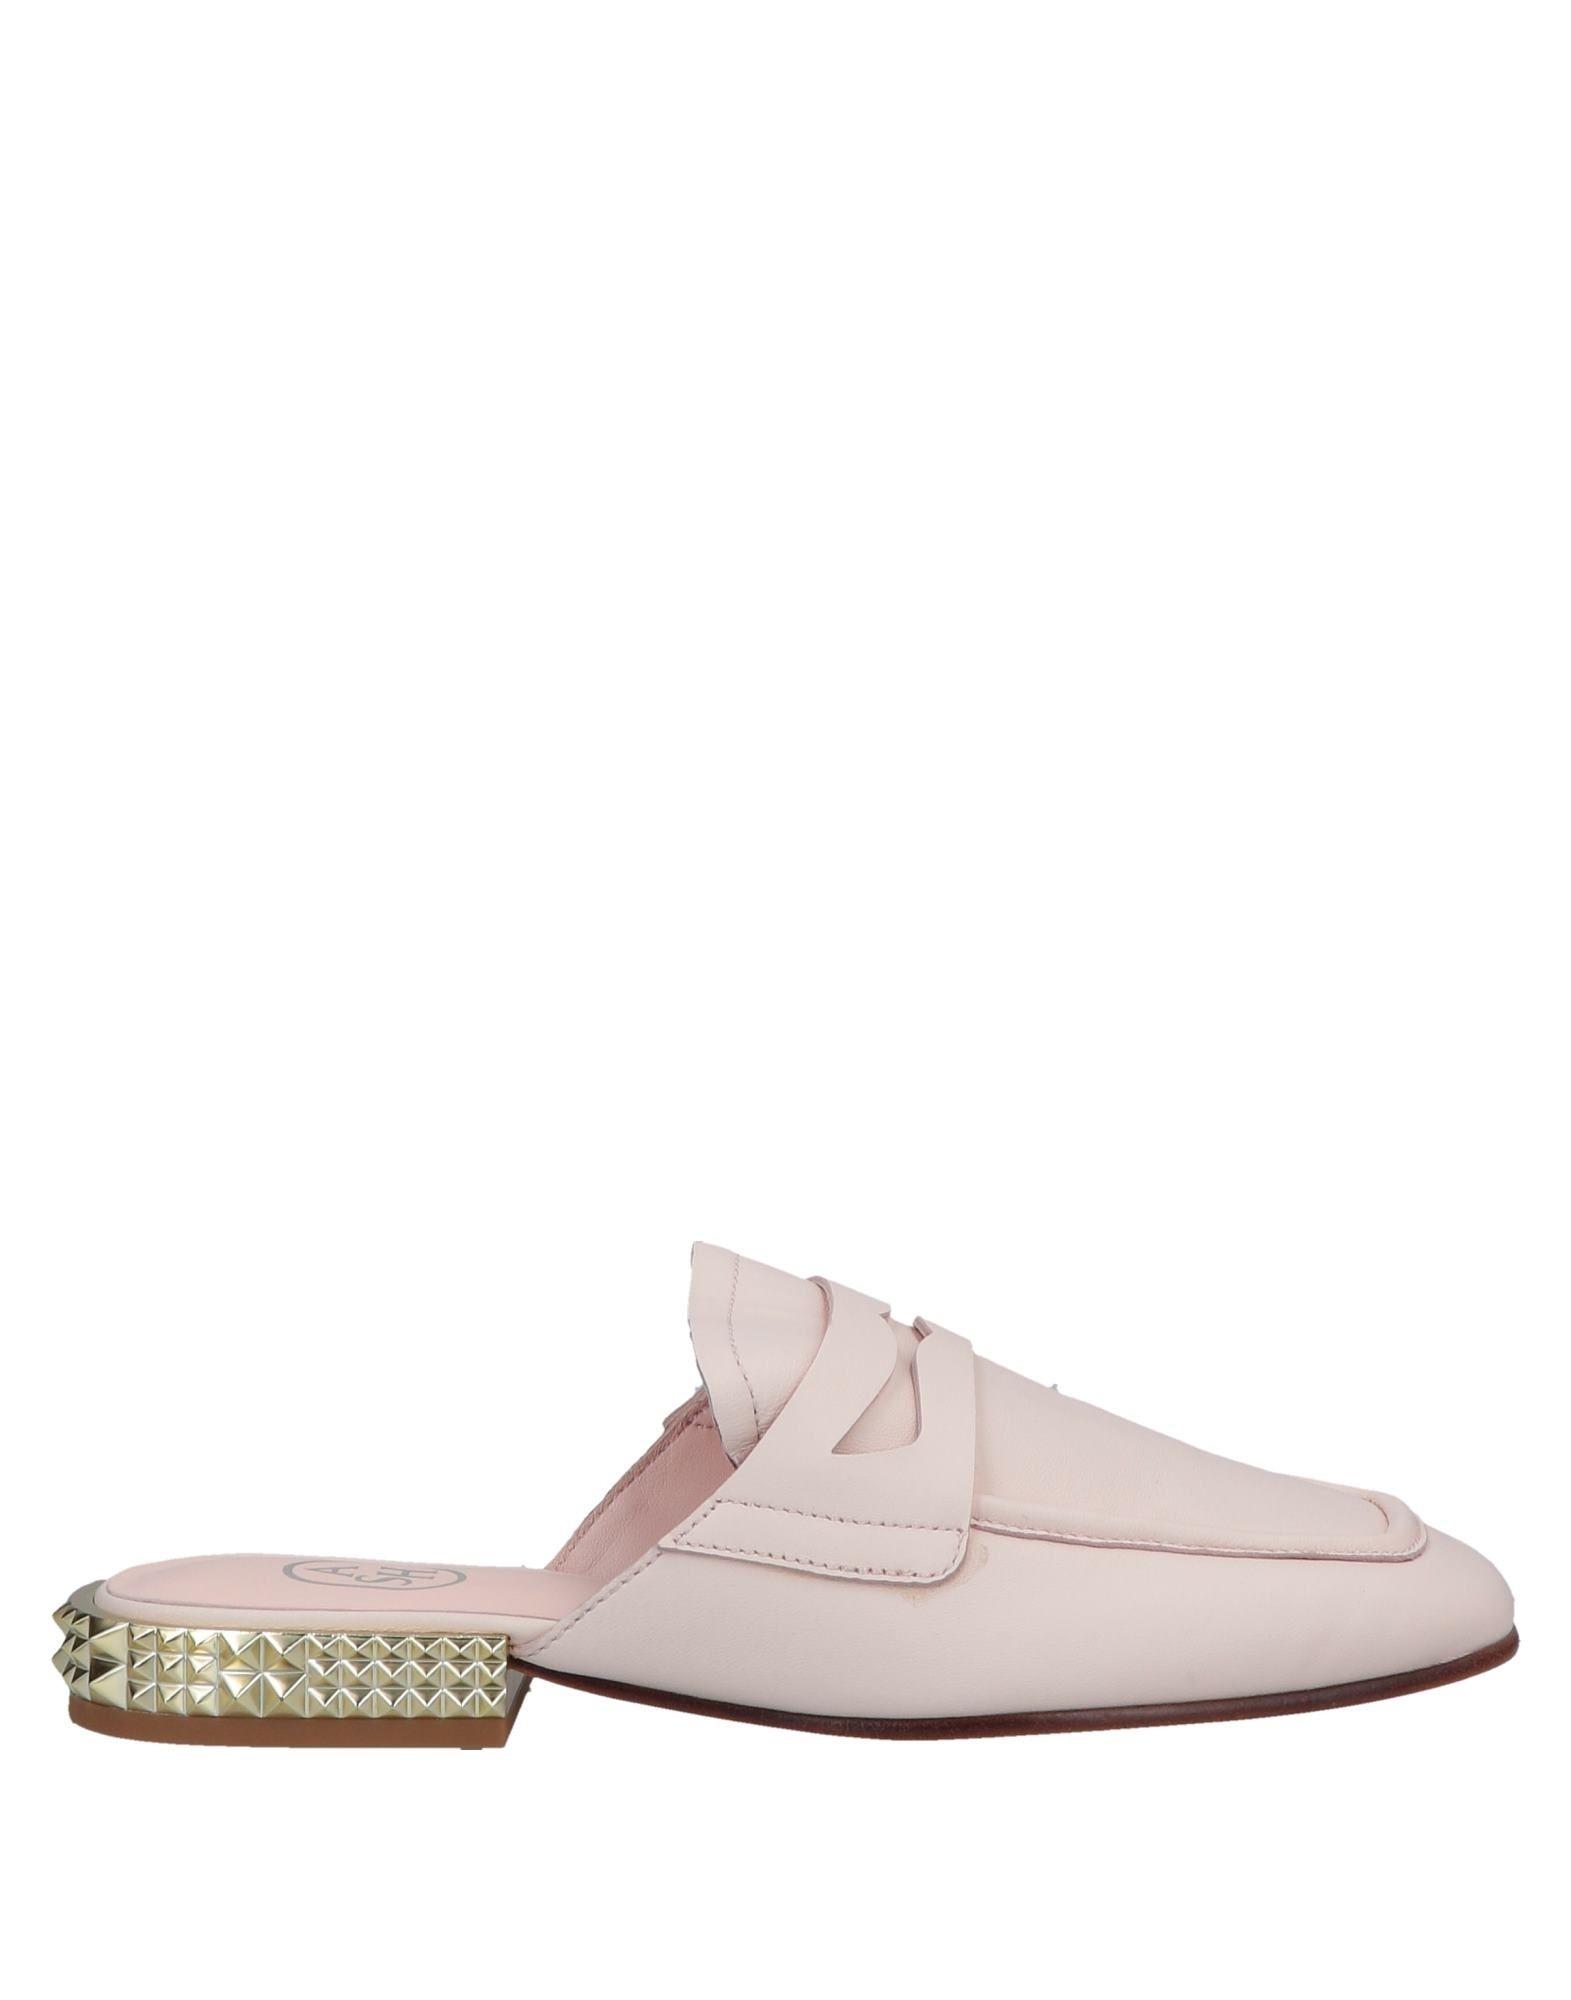 разбор слова по составу туфля